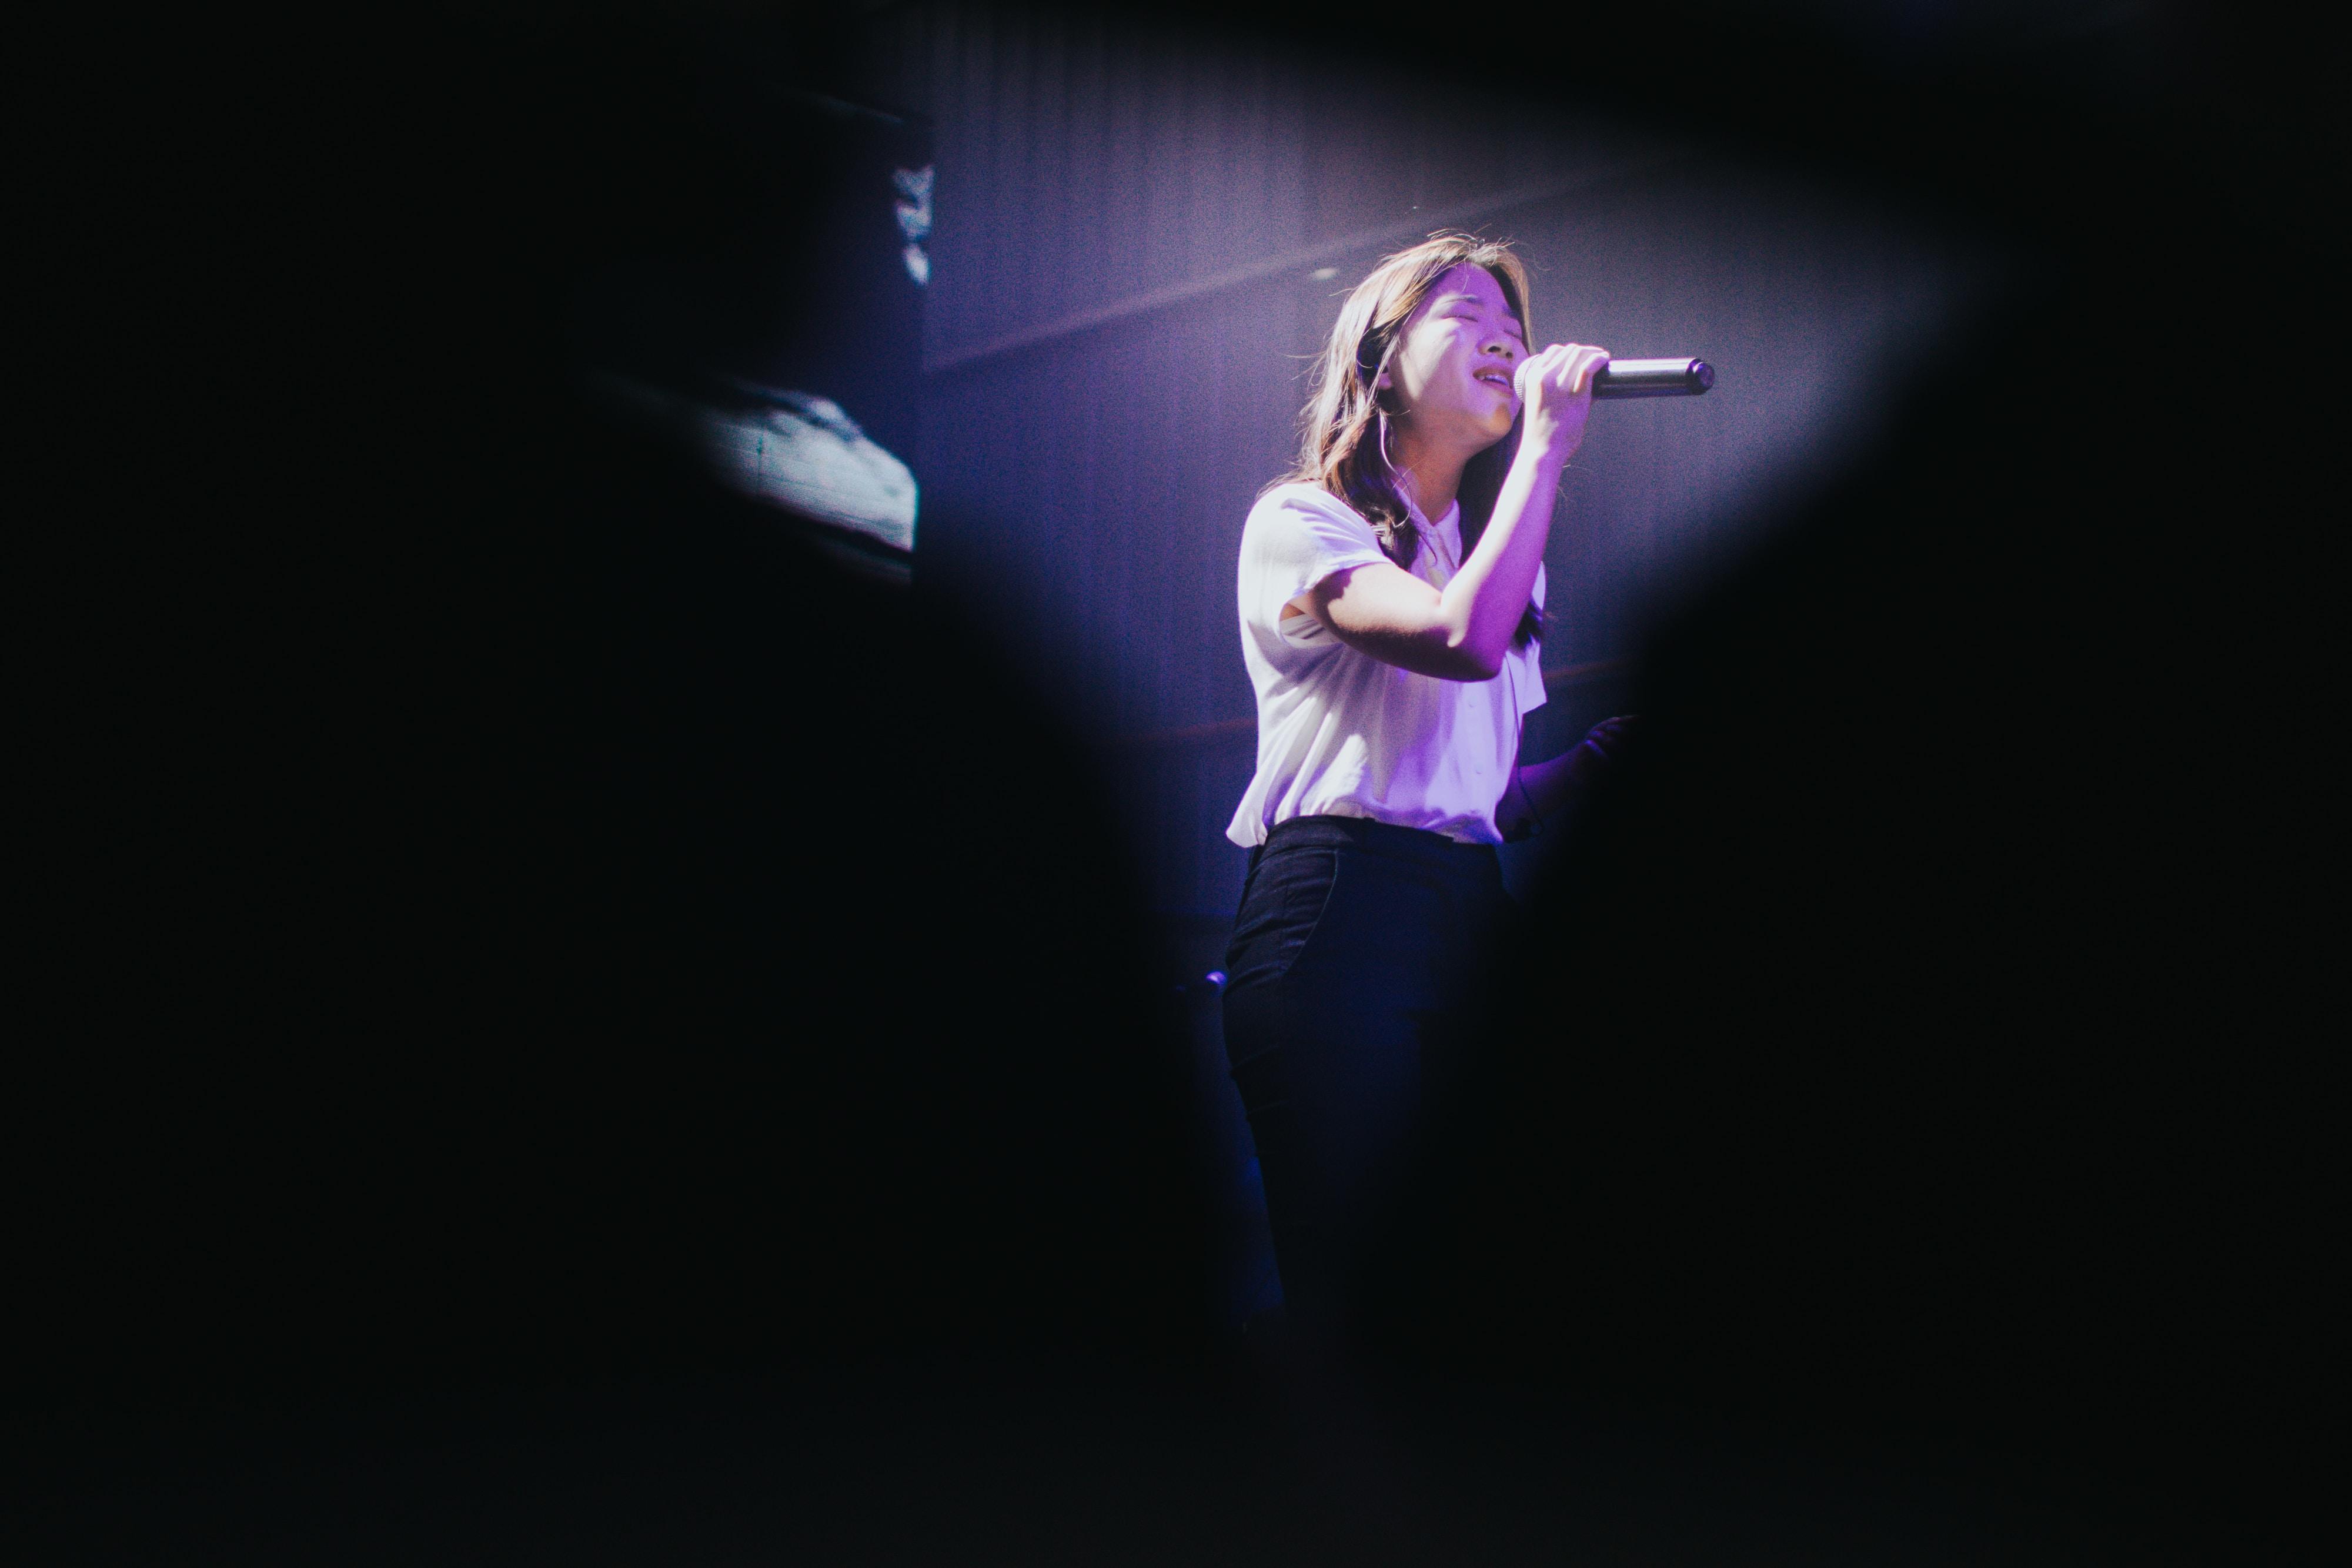 woman wearing white shirt singing inside room